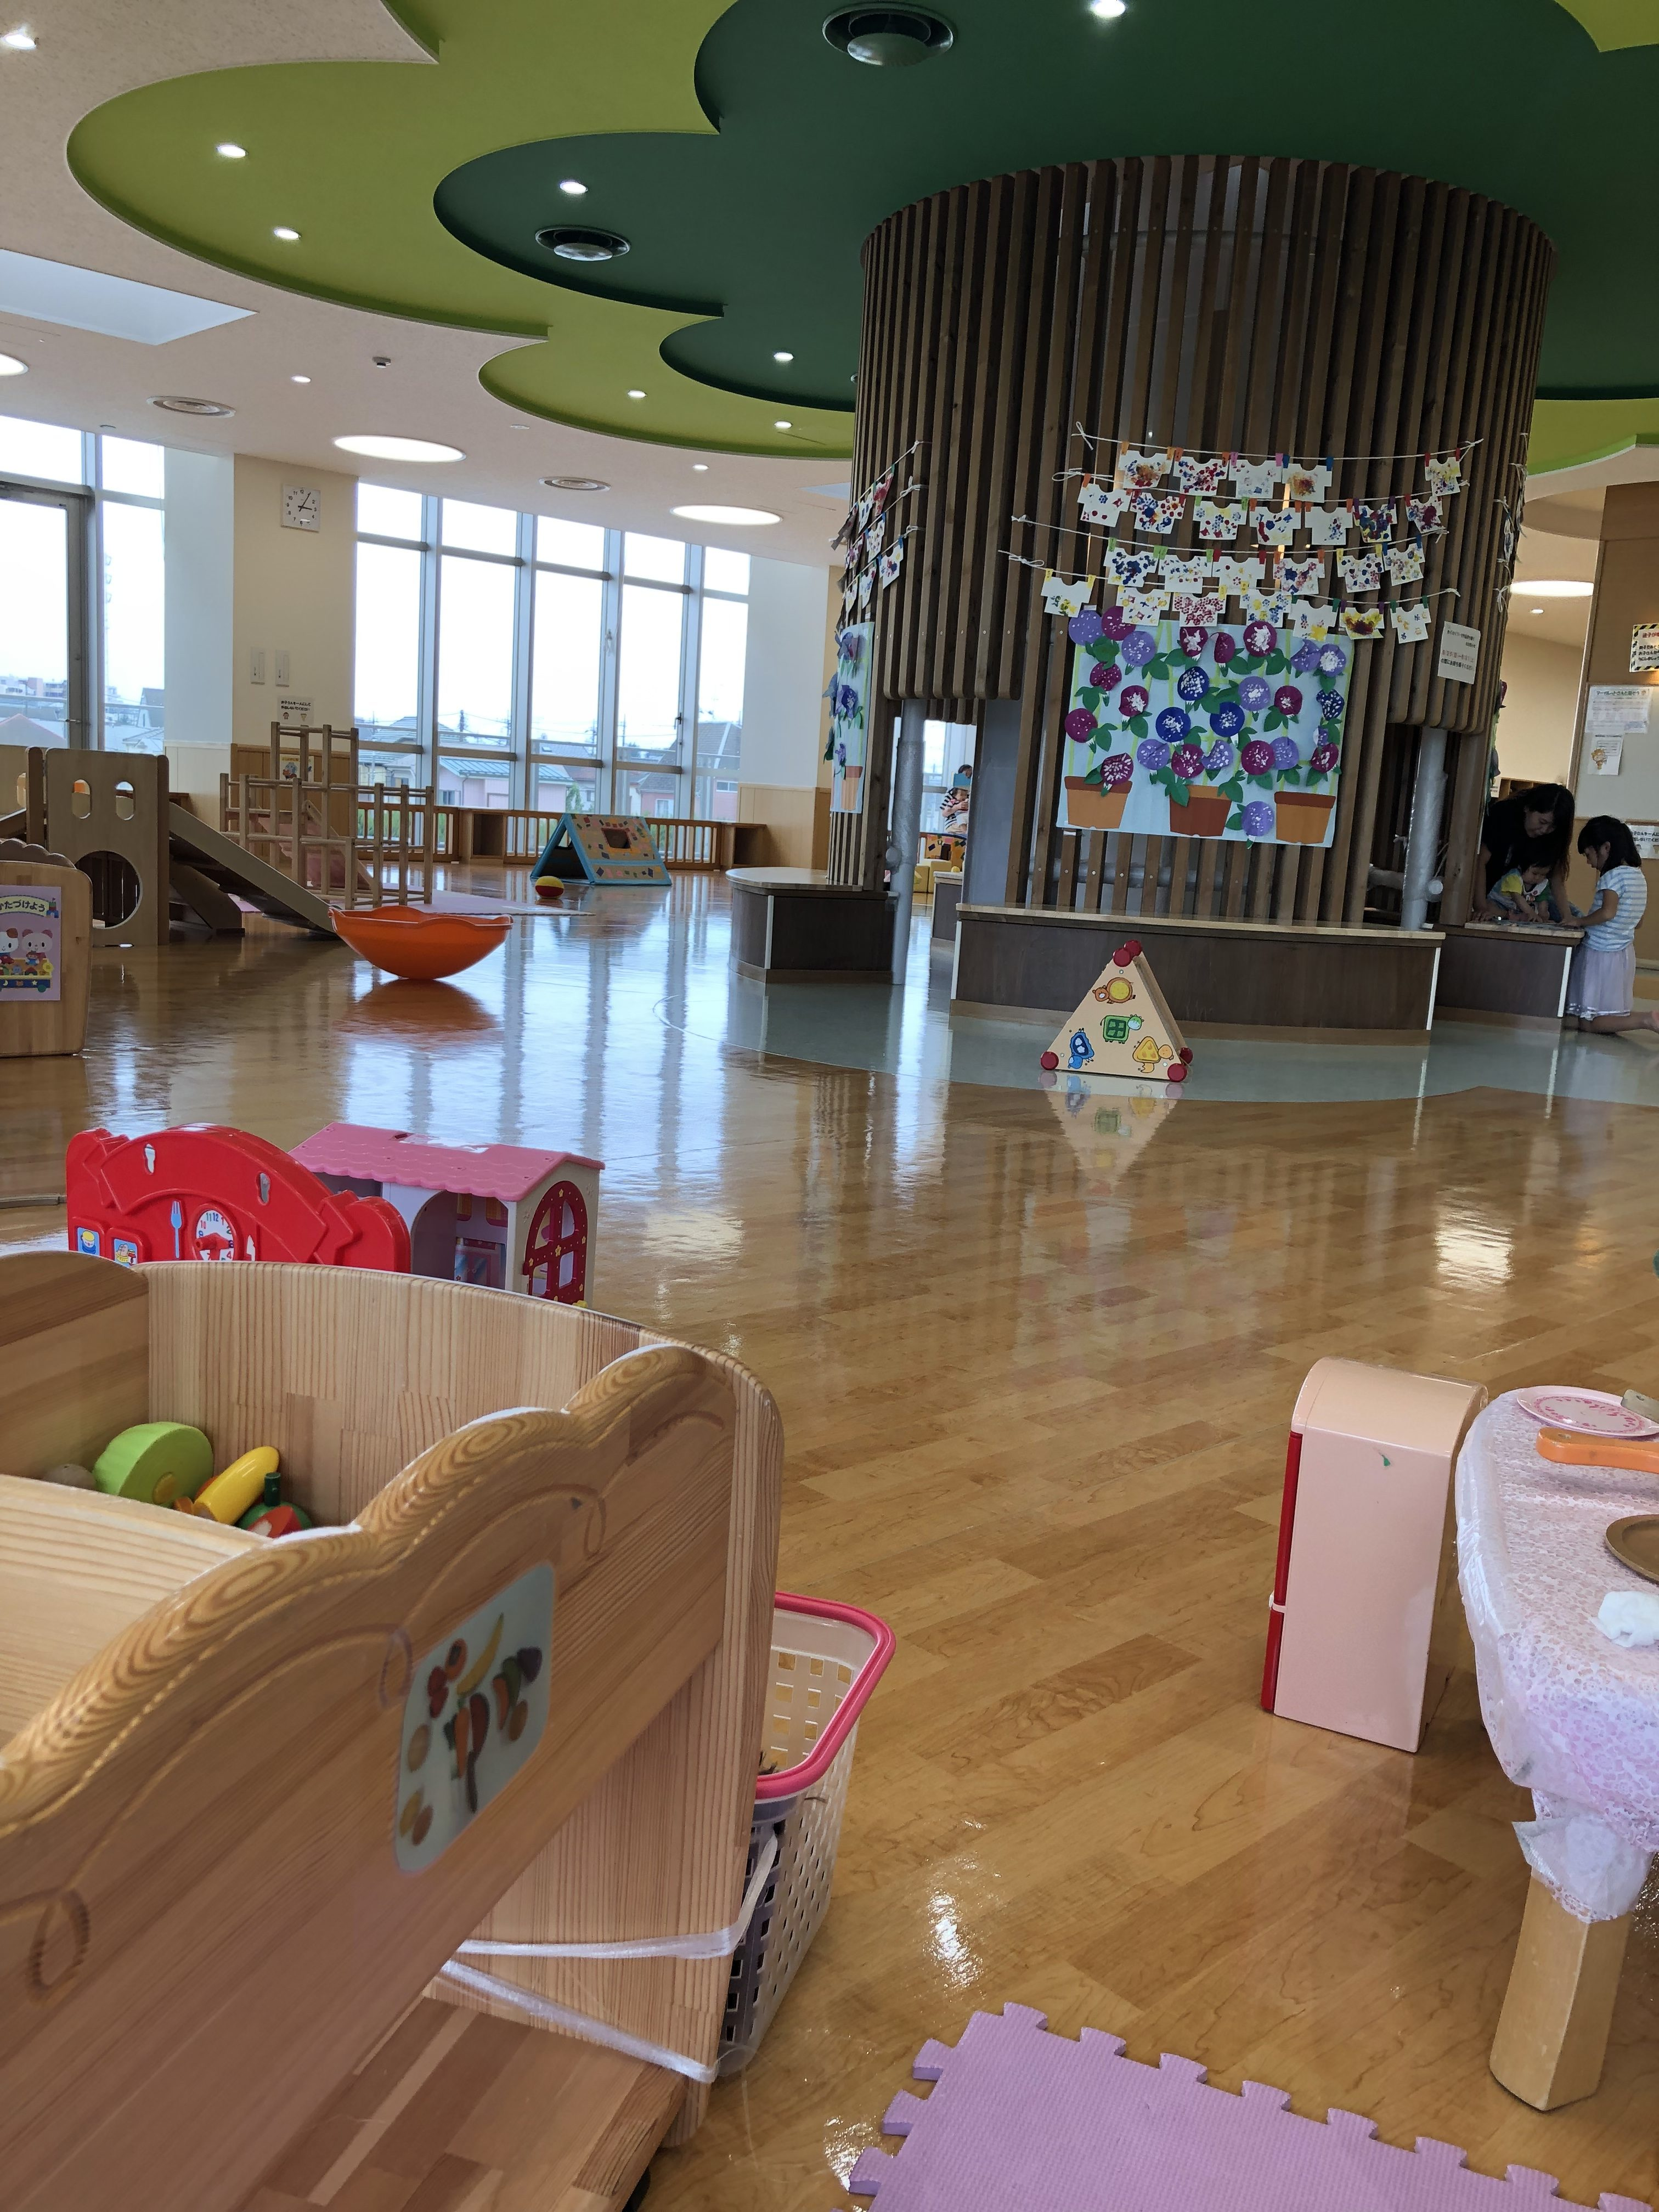 【新所沢駅】こどもと未来の福祉館ルピナスは3歳まで利用できるおすすめの施設